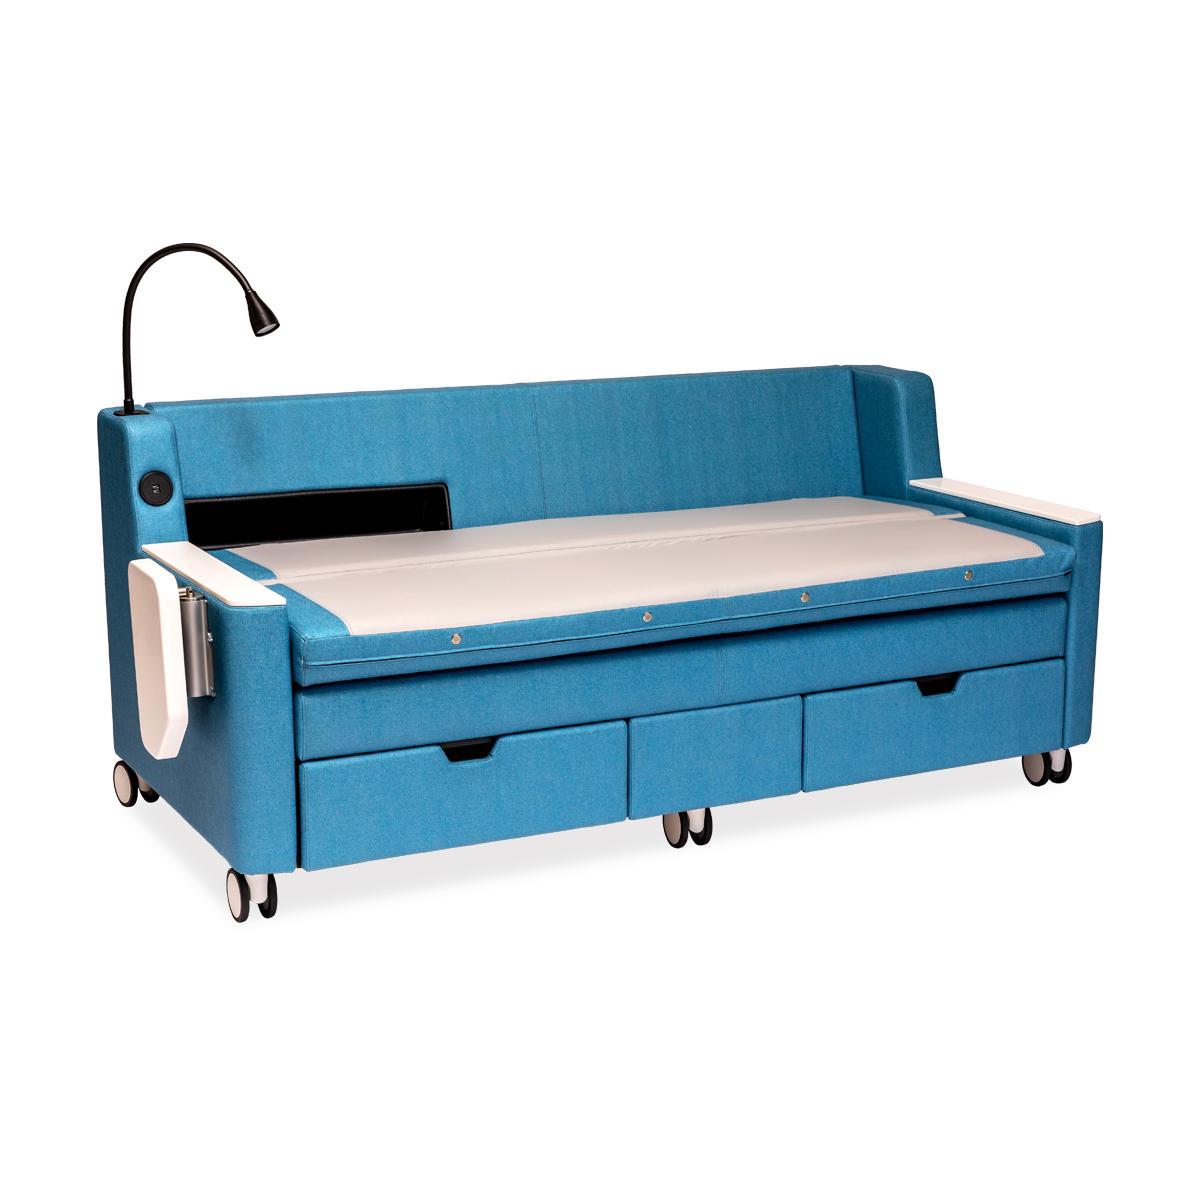 Sofá cama Sleeper: superficie para dormir